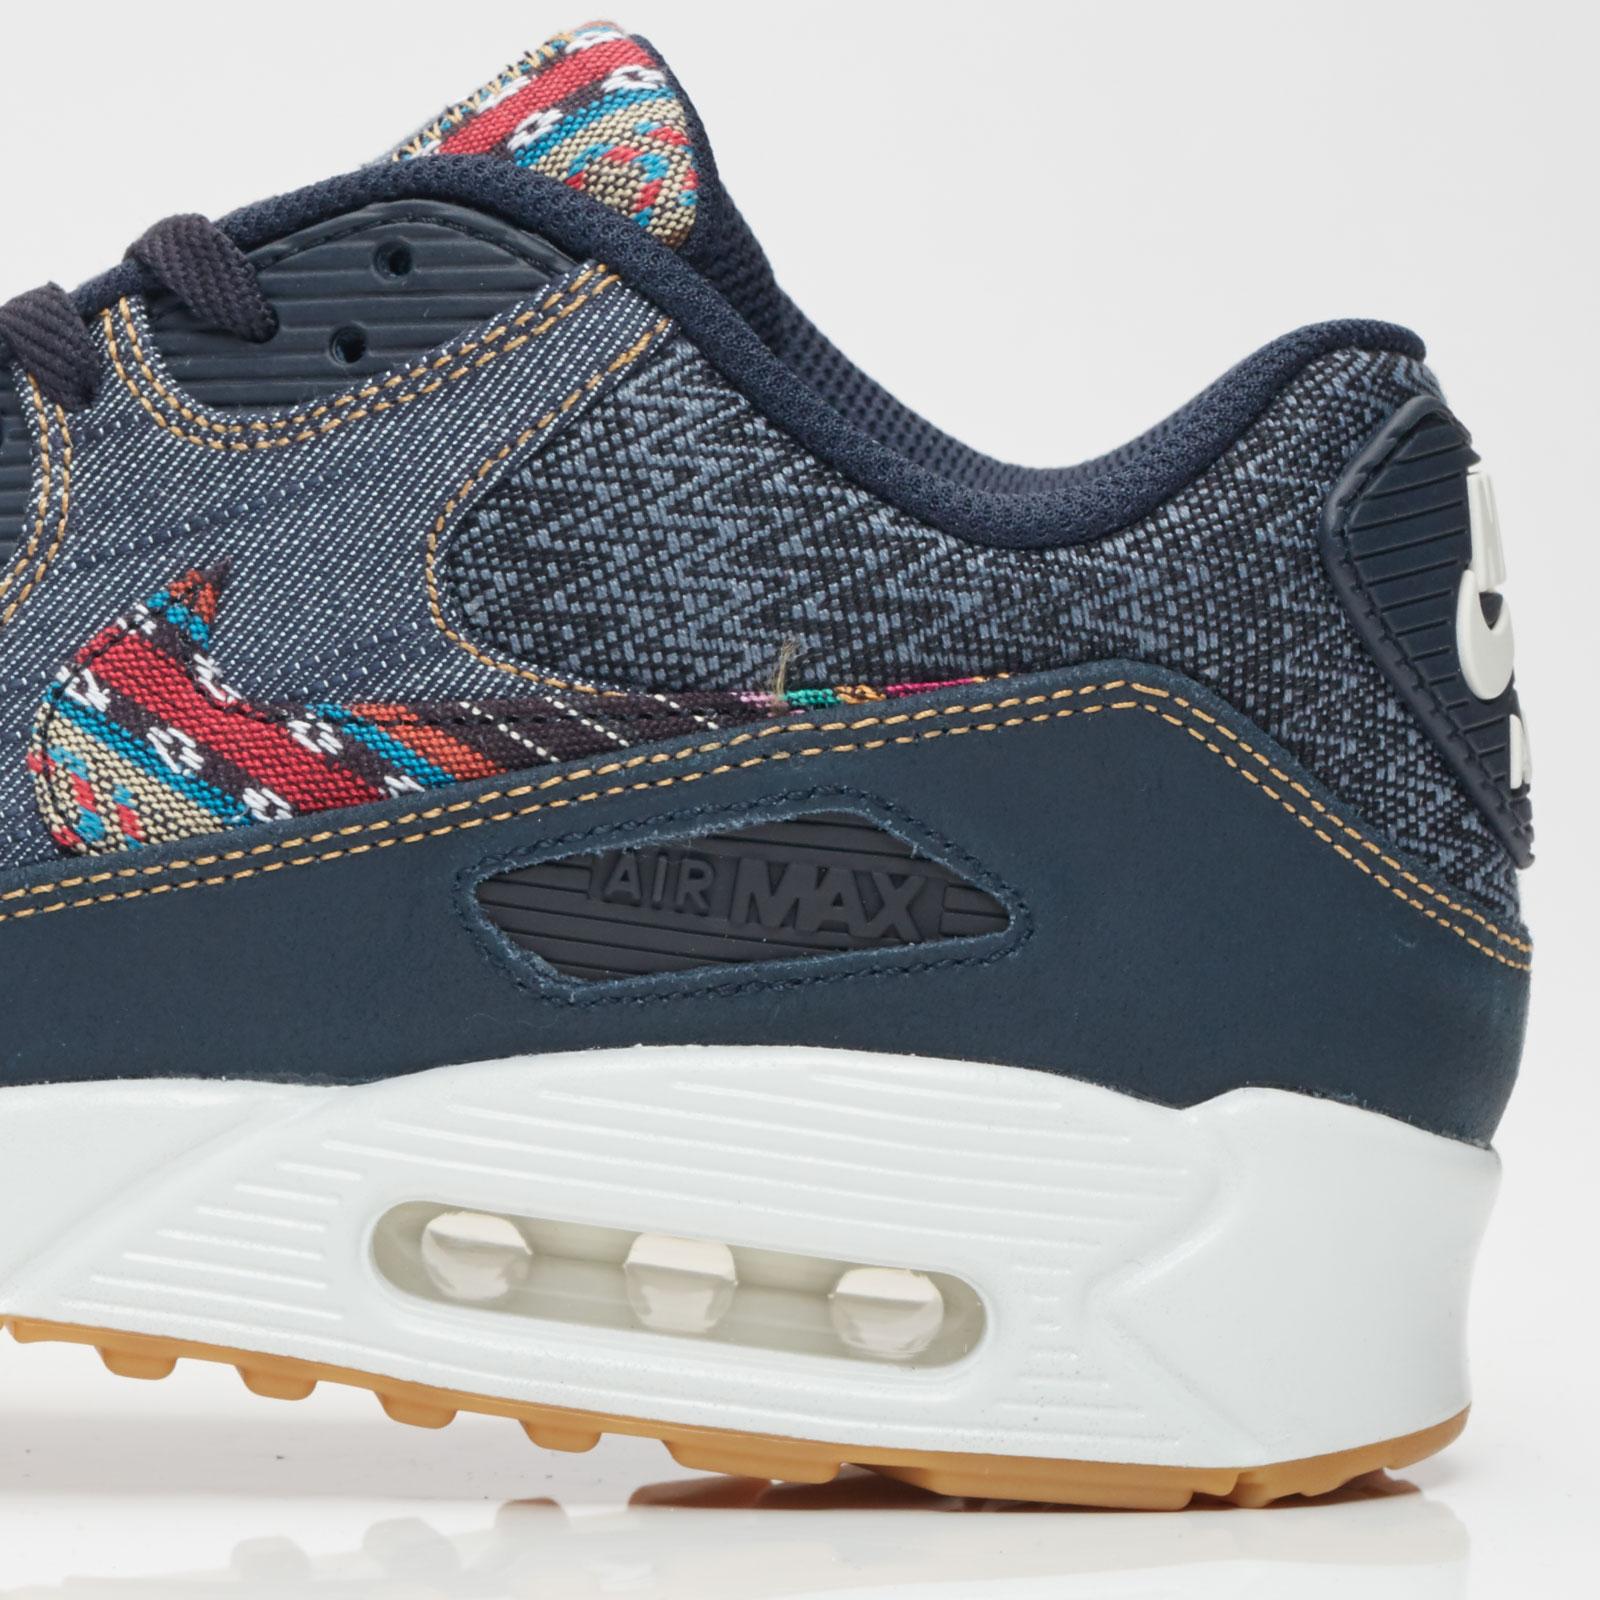 Nike Air Max 90 Premium 700155 402 Sneakersnstuff